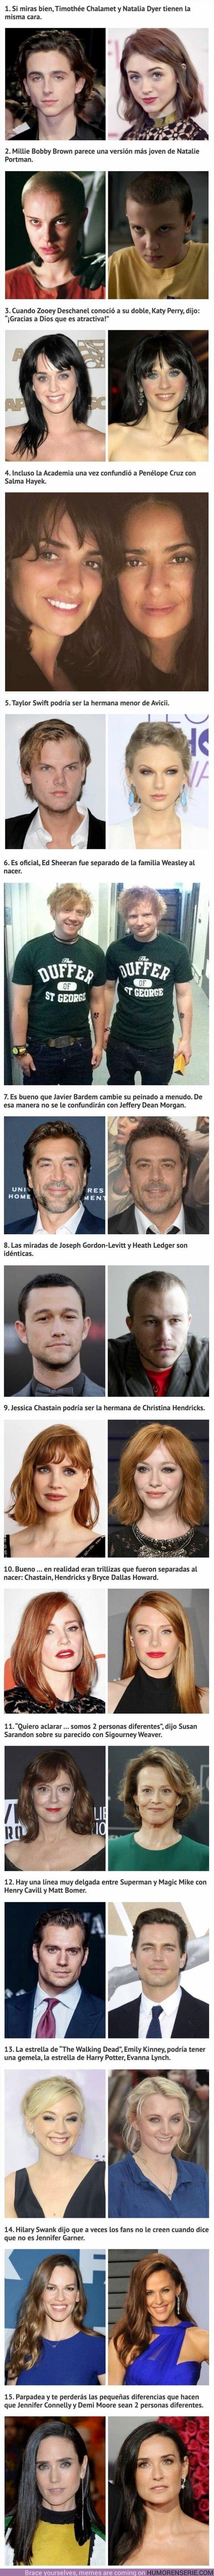 40687 - Comparaciones entre celebridades que son tan parecidas que parecen familia